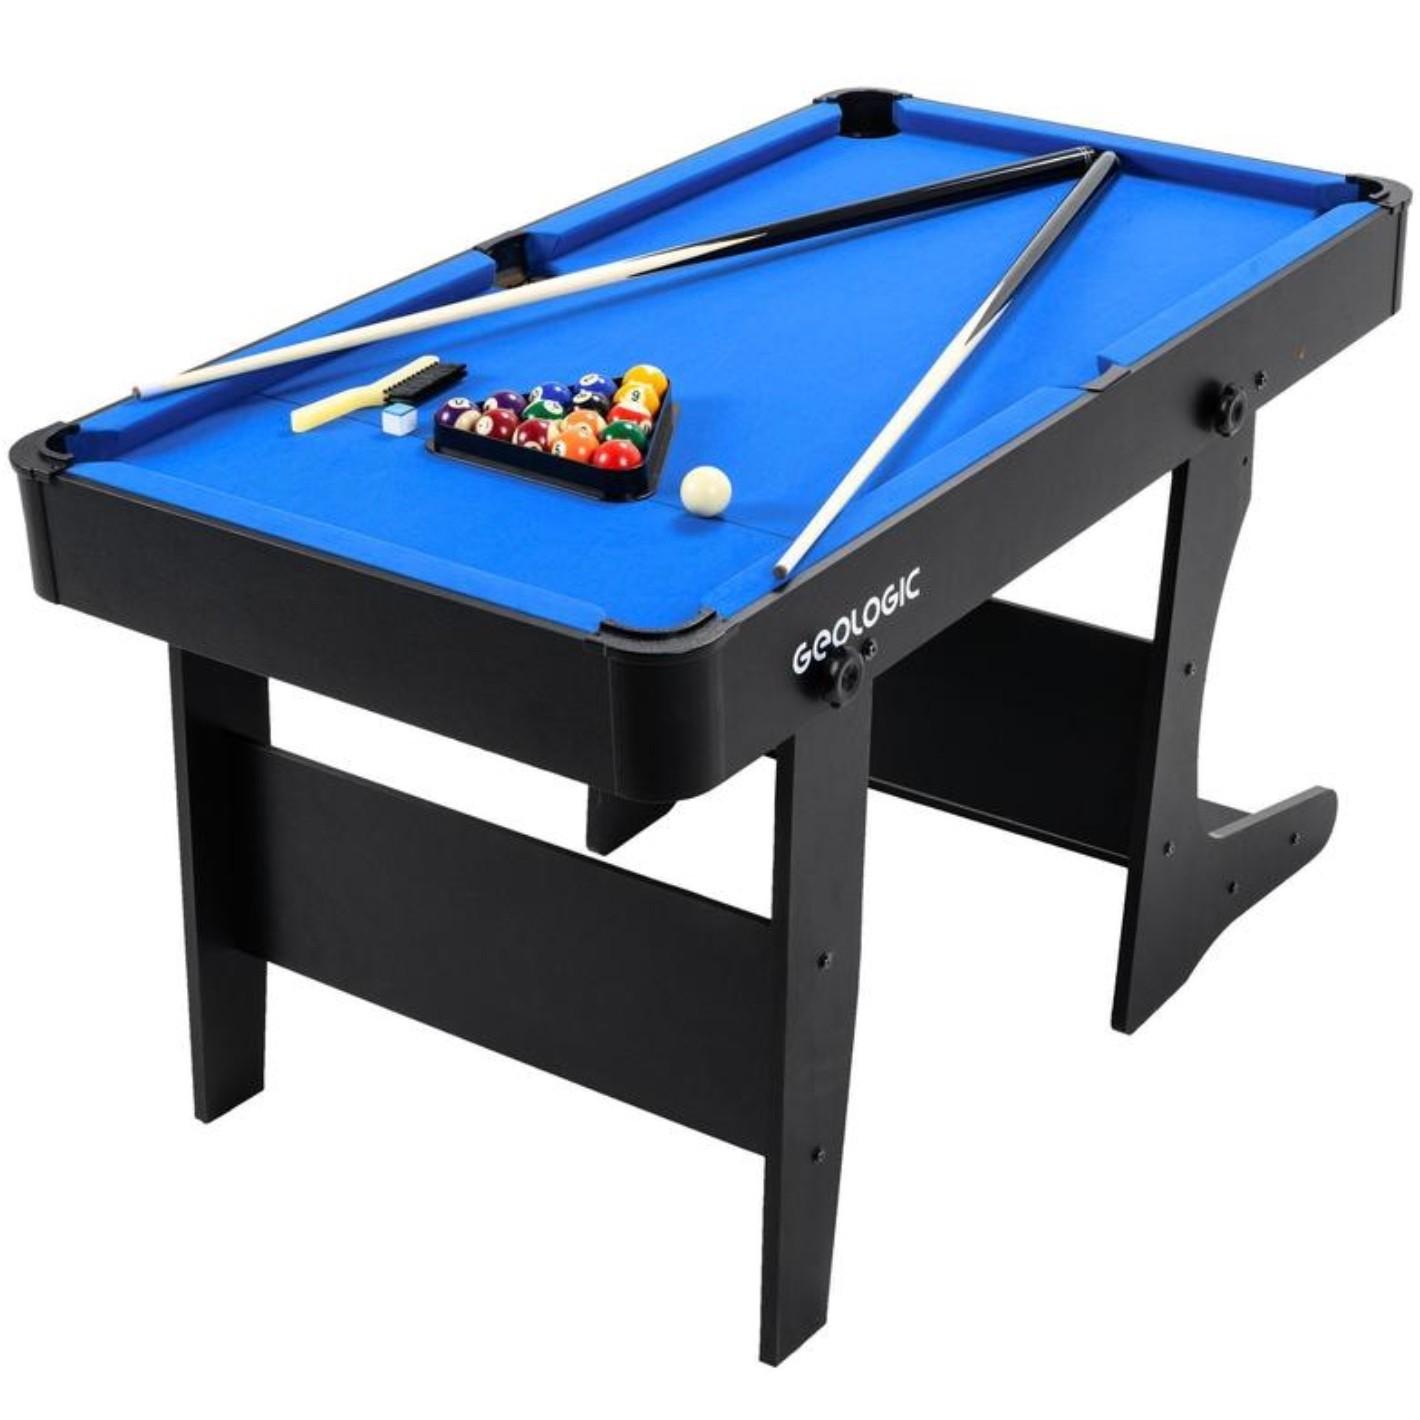 DECATHLON 迪卡侬 GEOLOGIC 可折叠台球桌